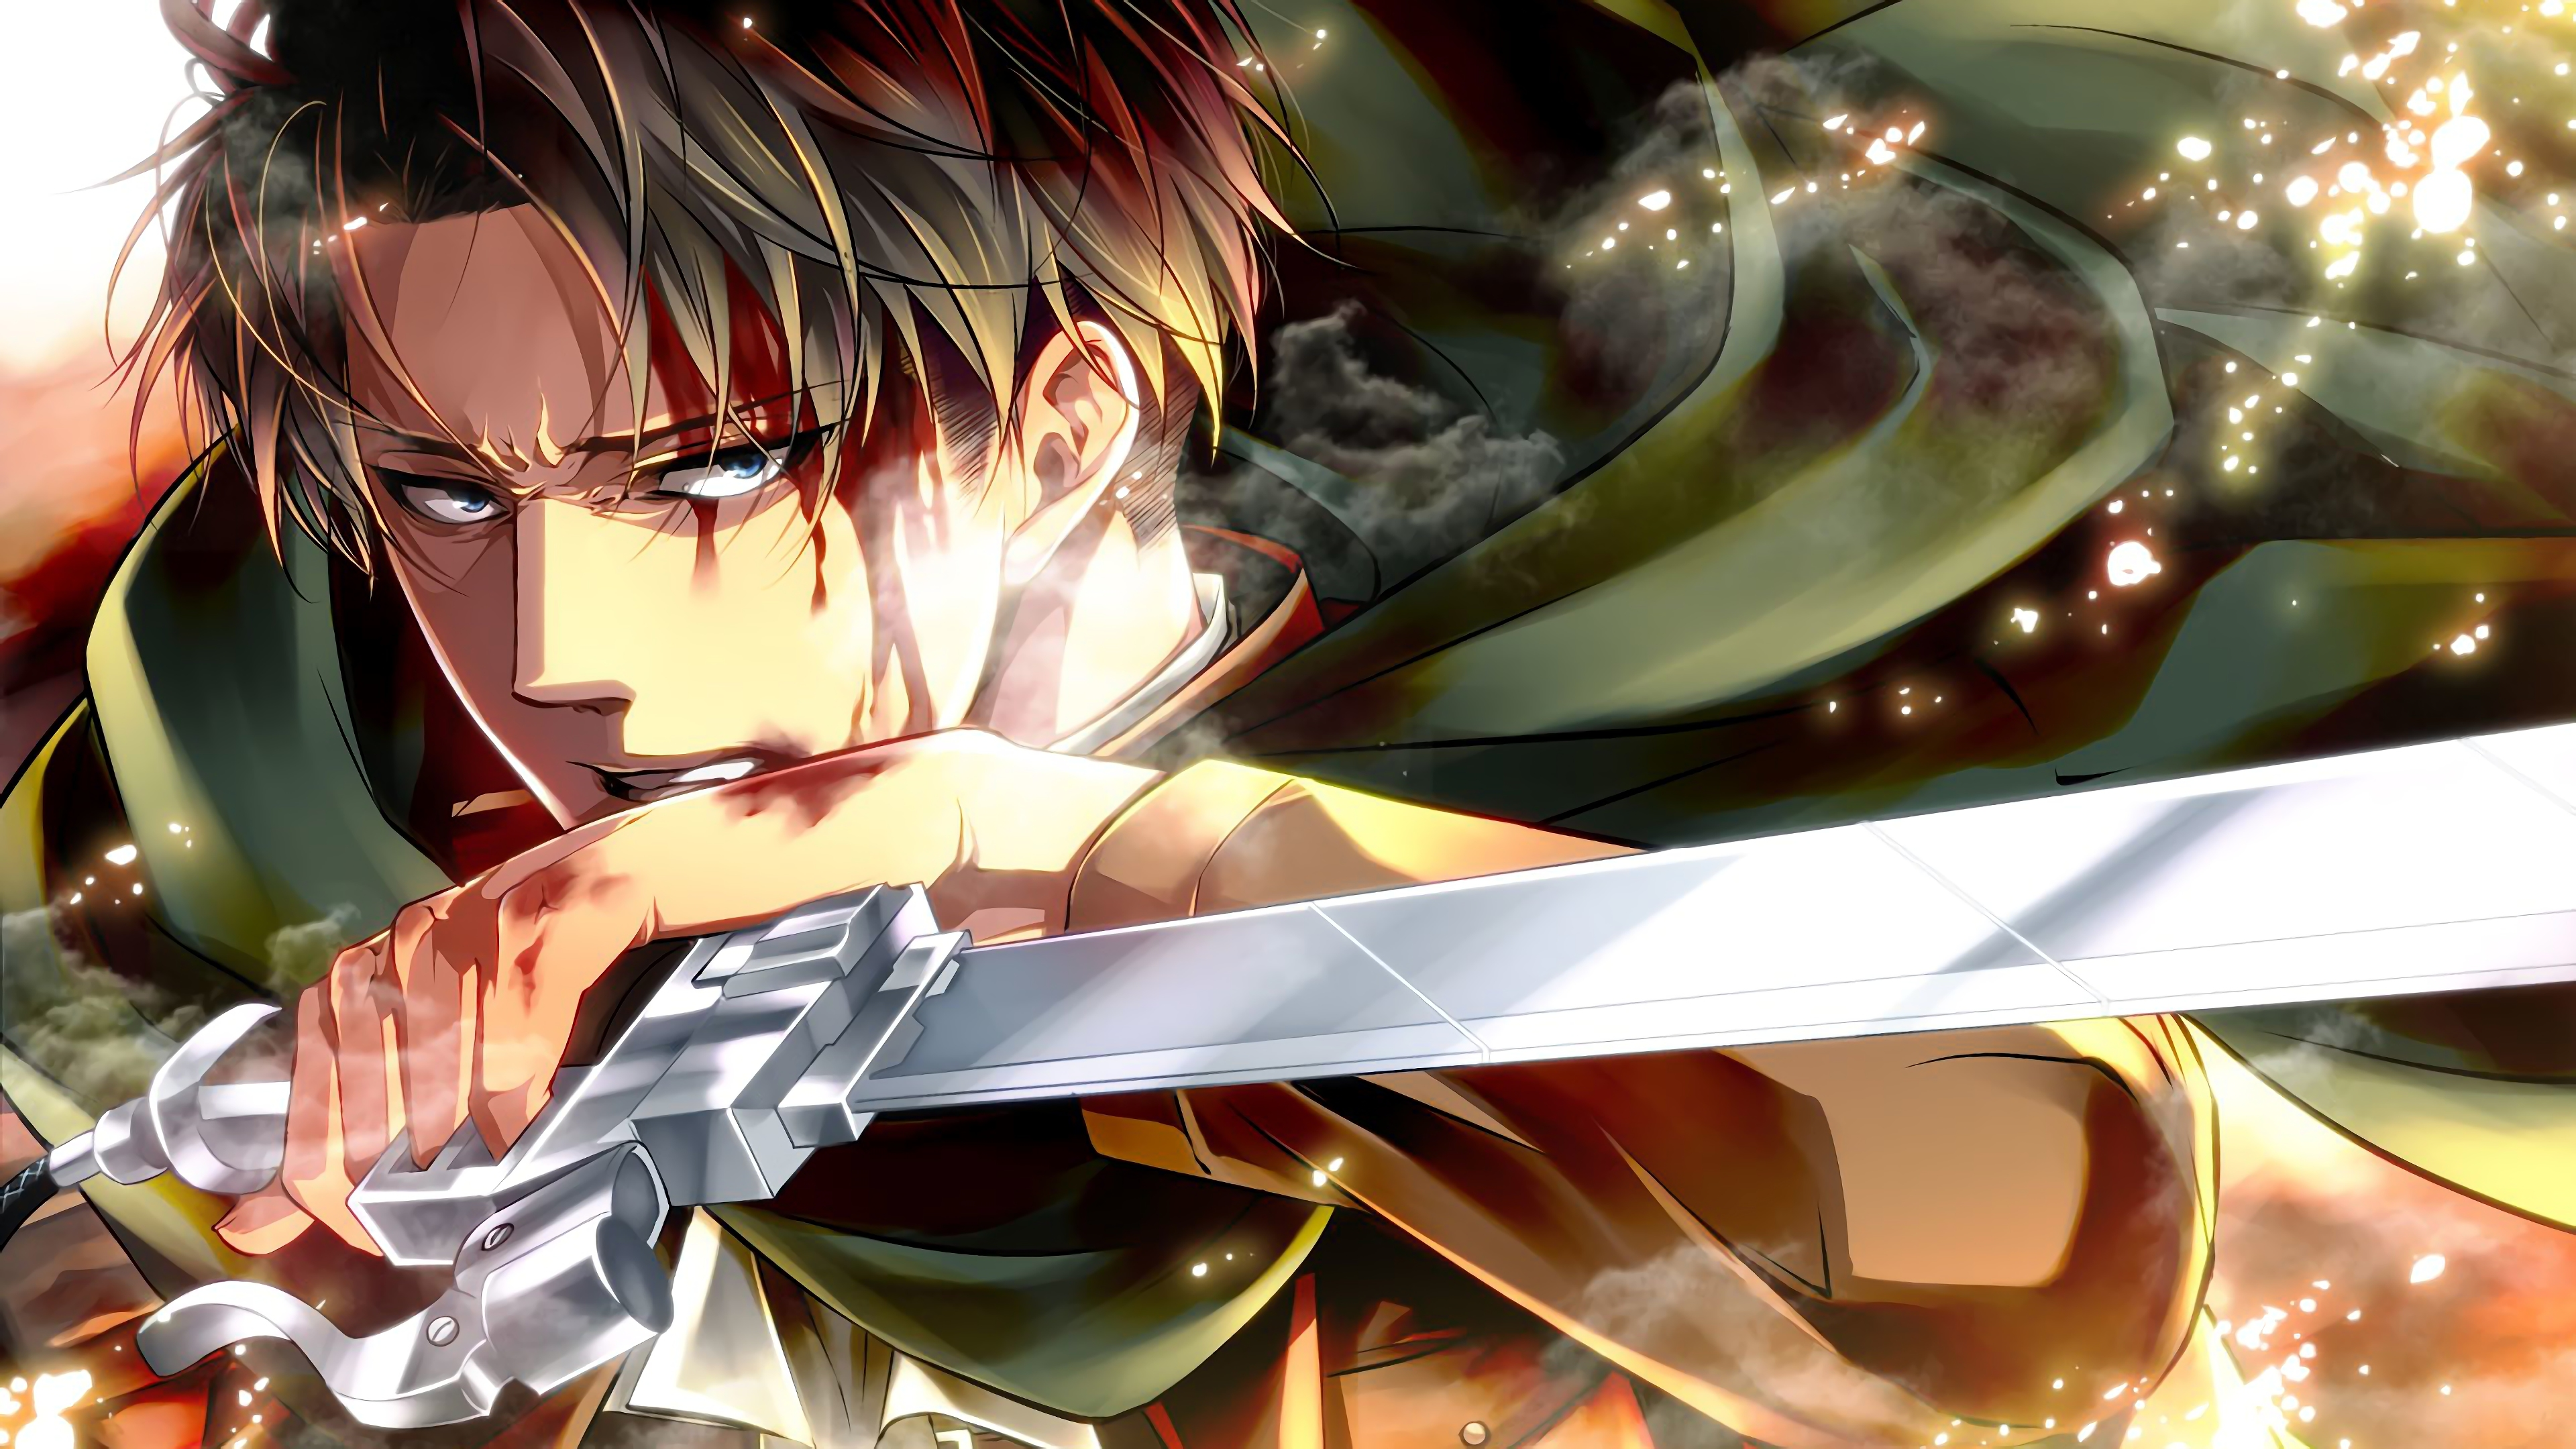 Anime Wallpaper Axe Attack Titan Season 3 Wallpaper